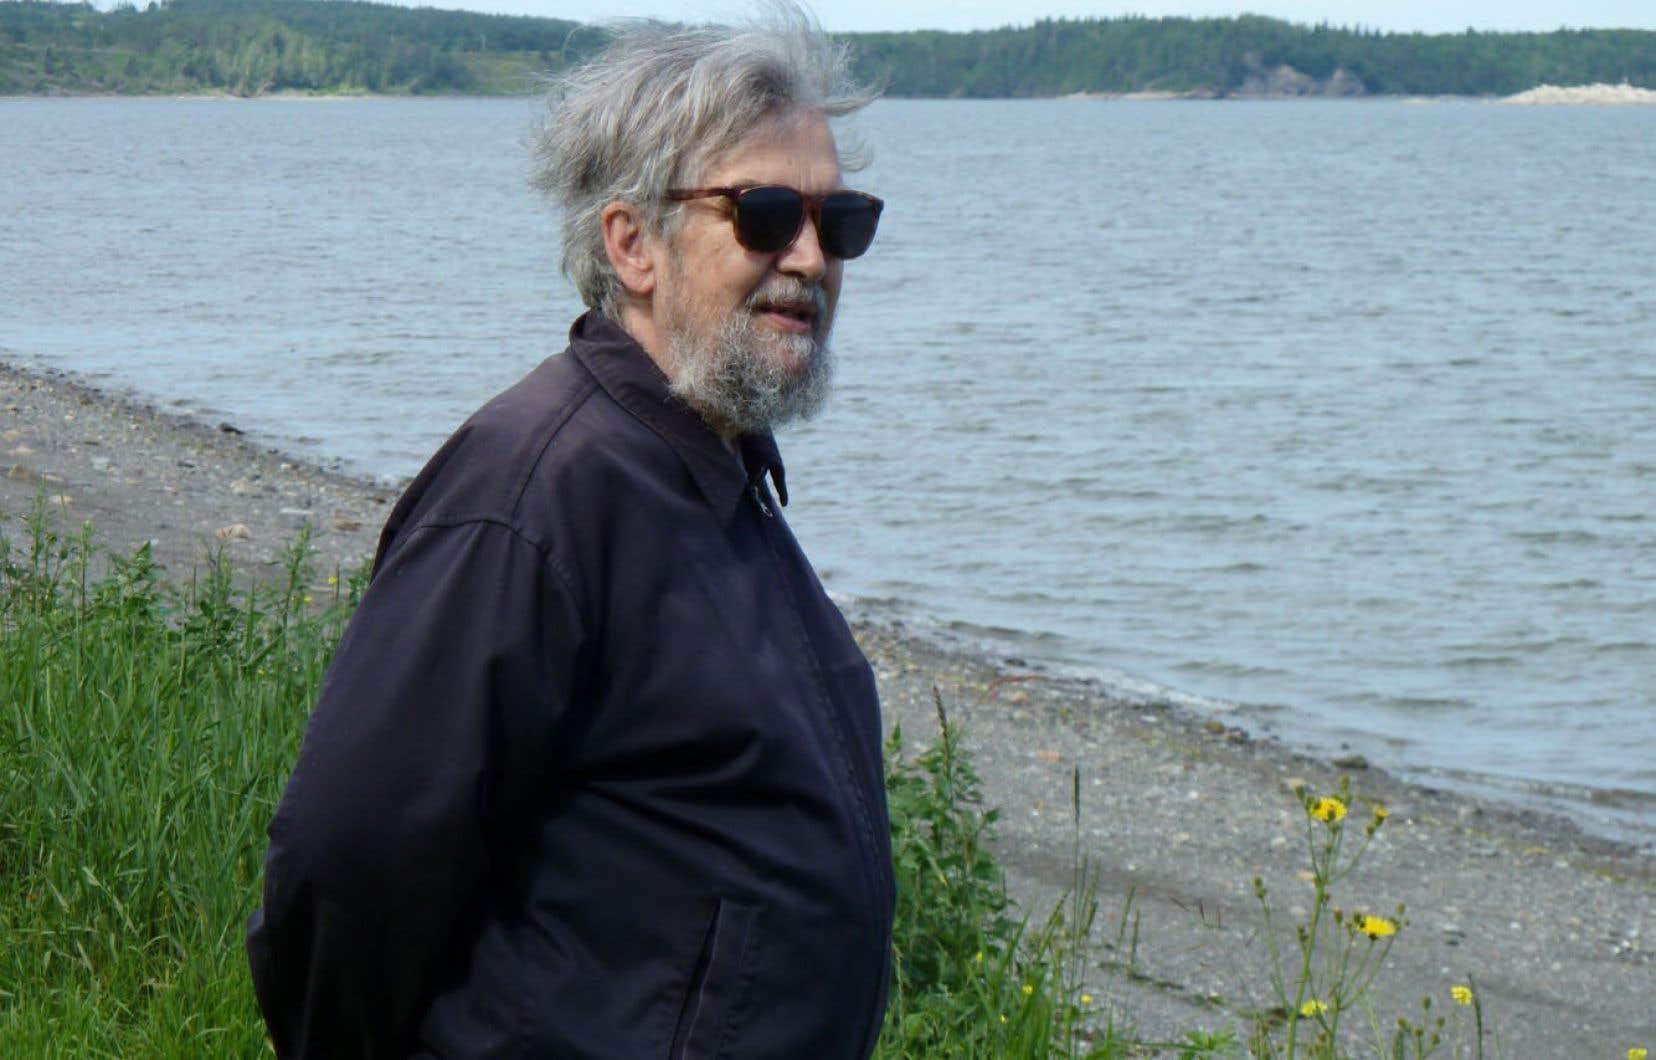 Gabriel Gagnon explique comment son importante contribution à deux revues phares du progressisme québécois a orienté son évolution intellectuelle.